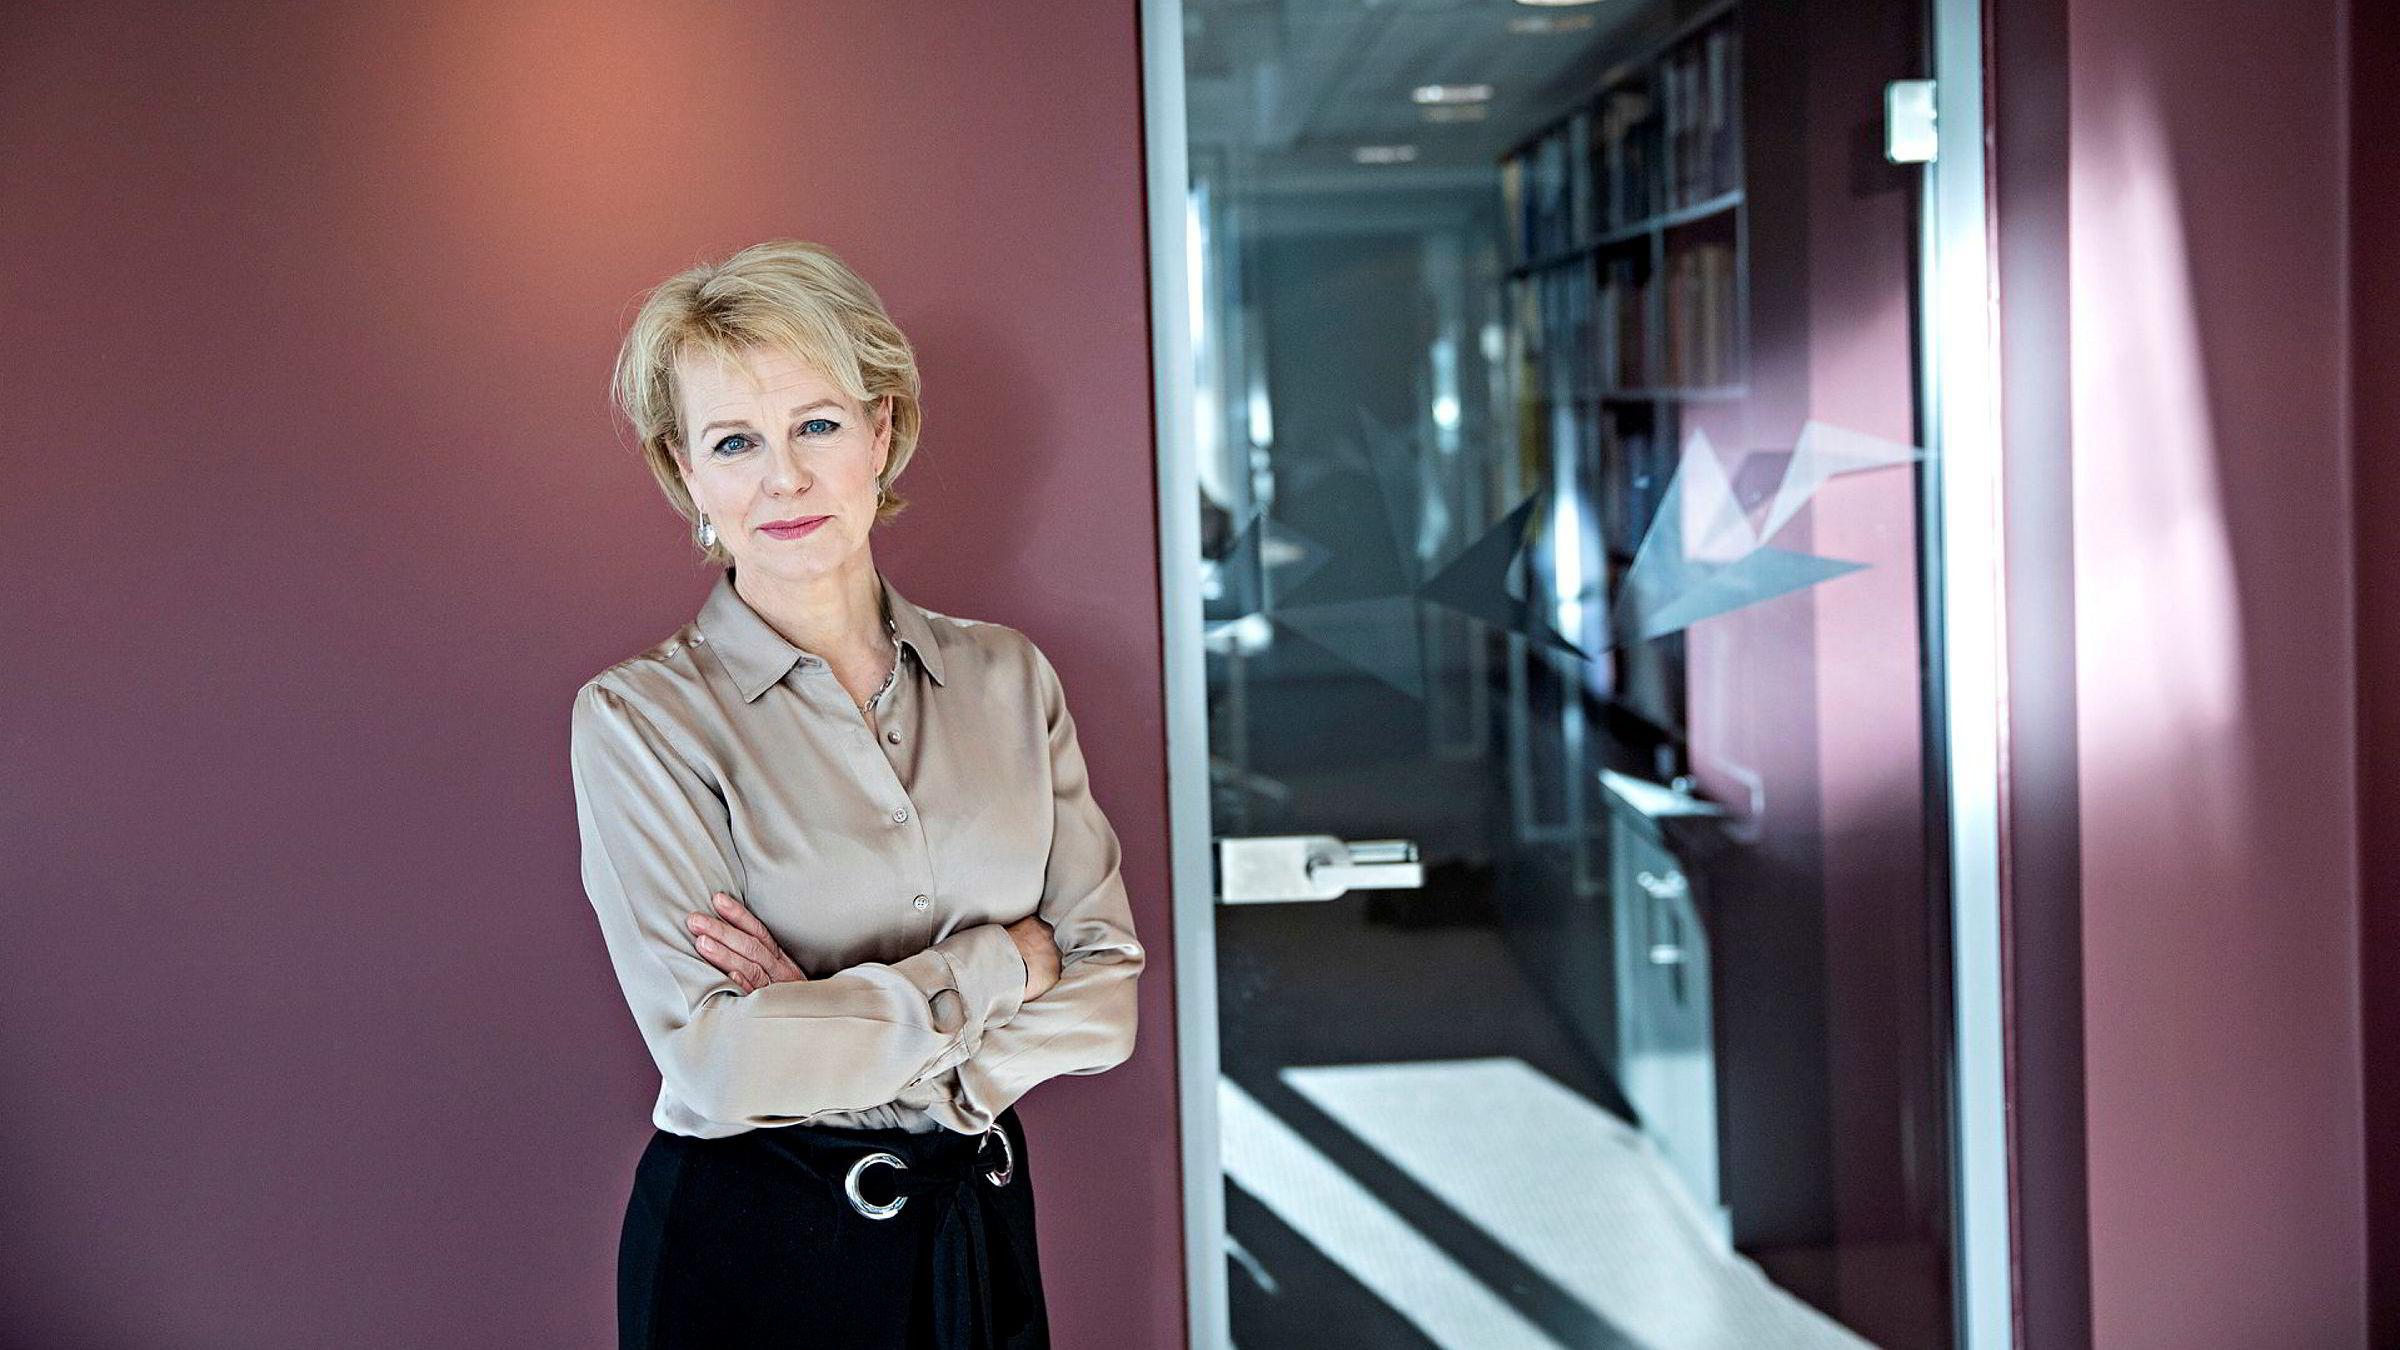 – For enkelte firmaer kan dette bety færre tilfeller av dobbeltrepresentasjon, sier Merete Smith, generalsekretær i Advokatforeningen om den nye advokatetiske anbefalingen foreningen nå har sendt landets største advokatfirmaer.